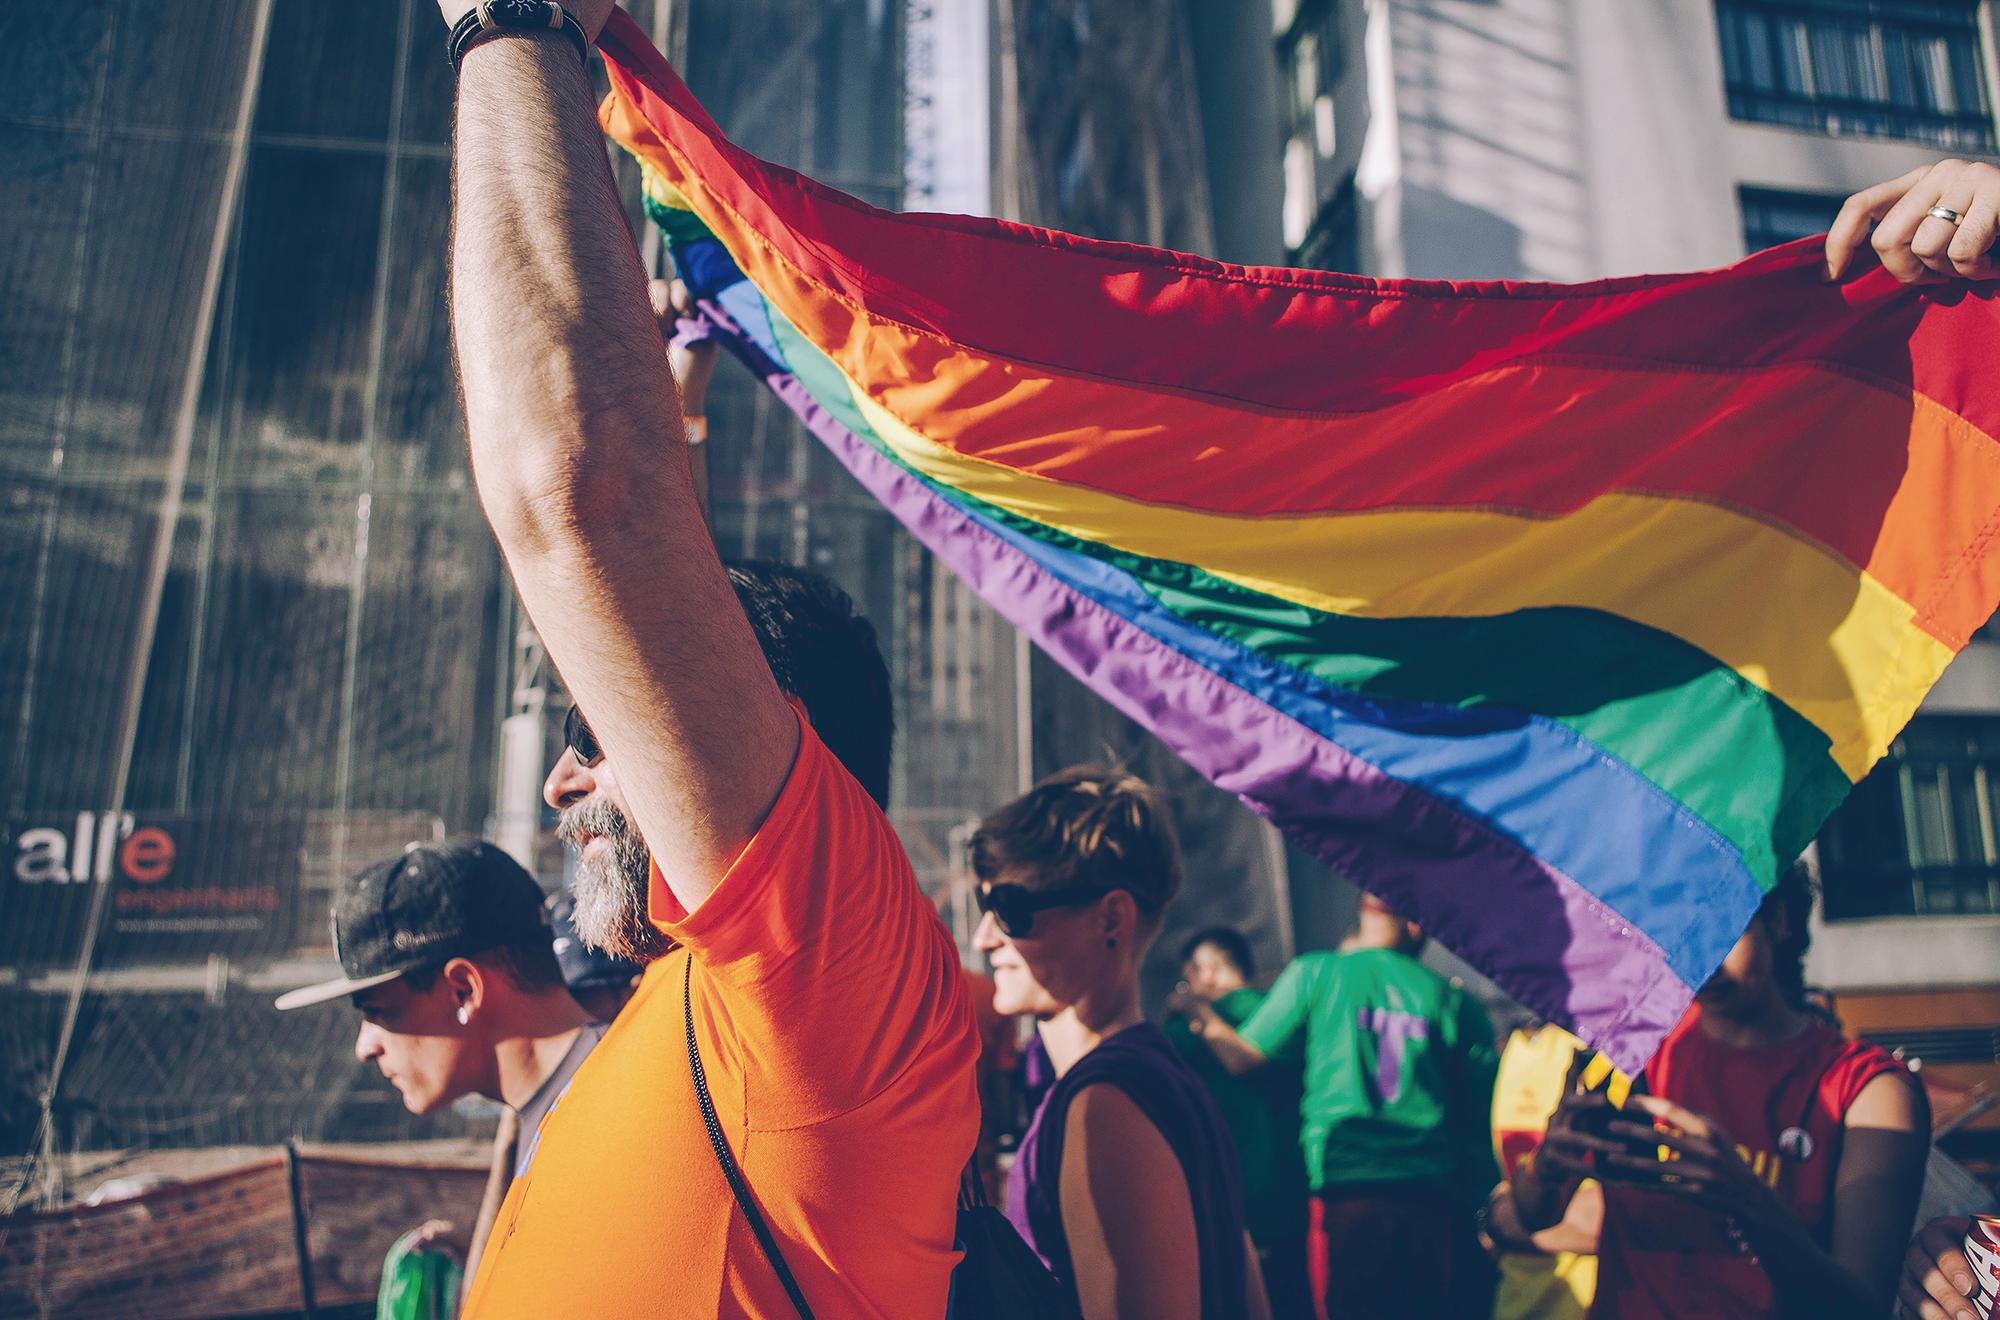 Honoring Pride, in solidarity